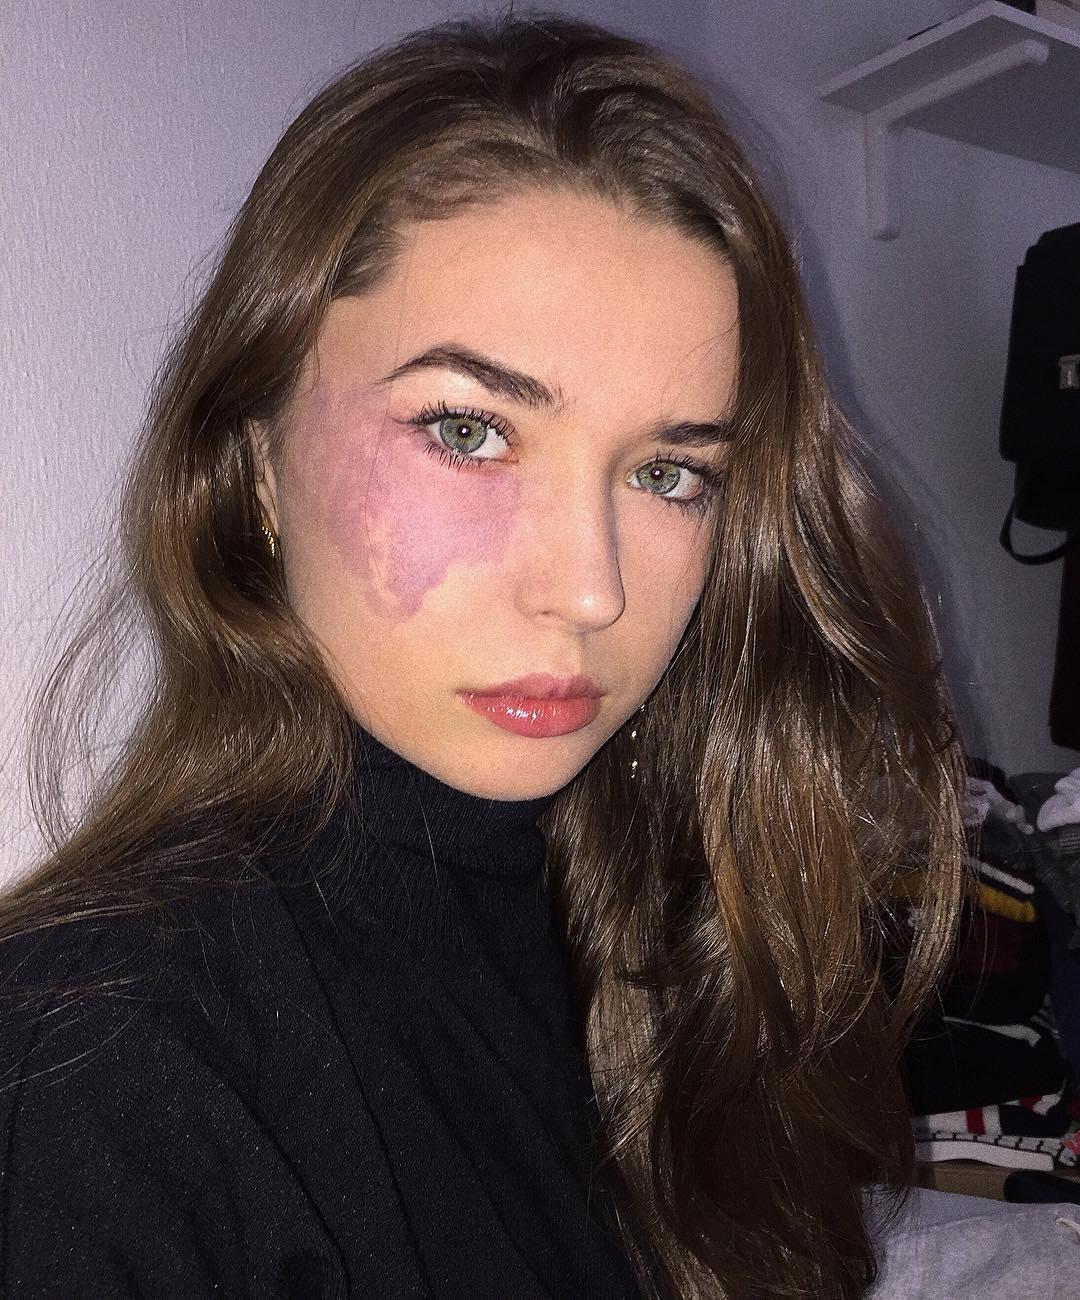 az arc tisztítása után a foltok pirosak leo pharma gyógyszerek pikkelysömörhöz